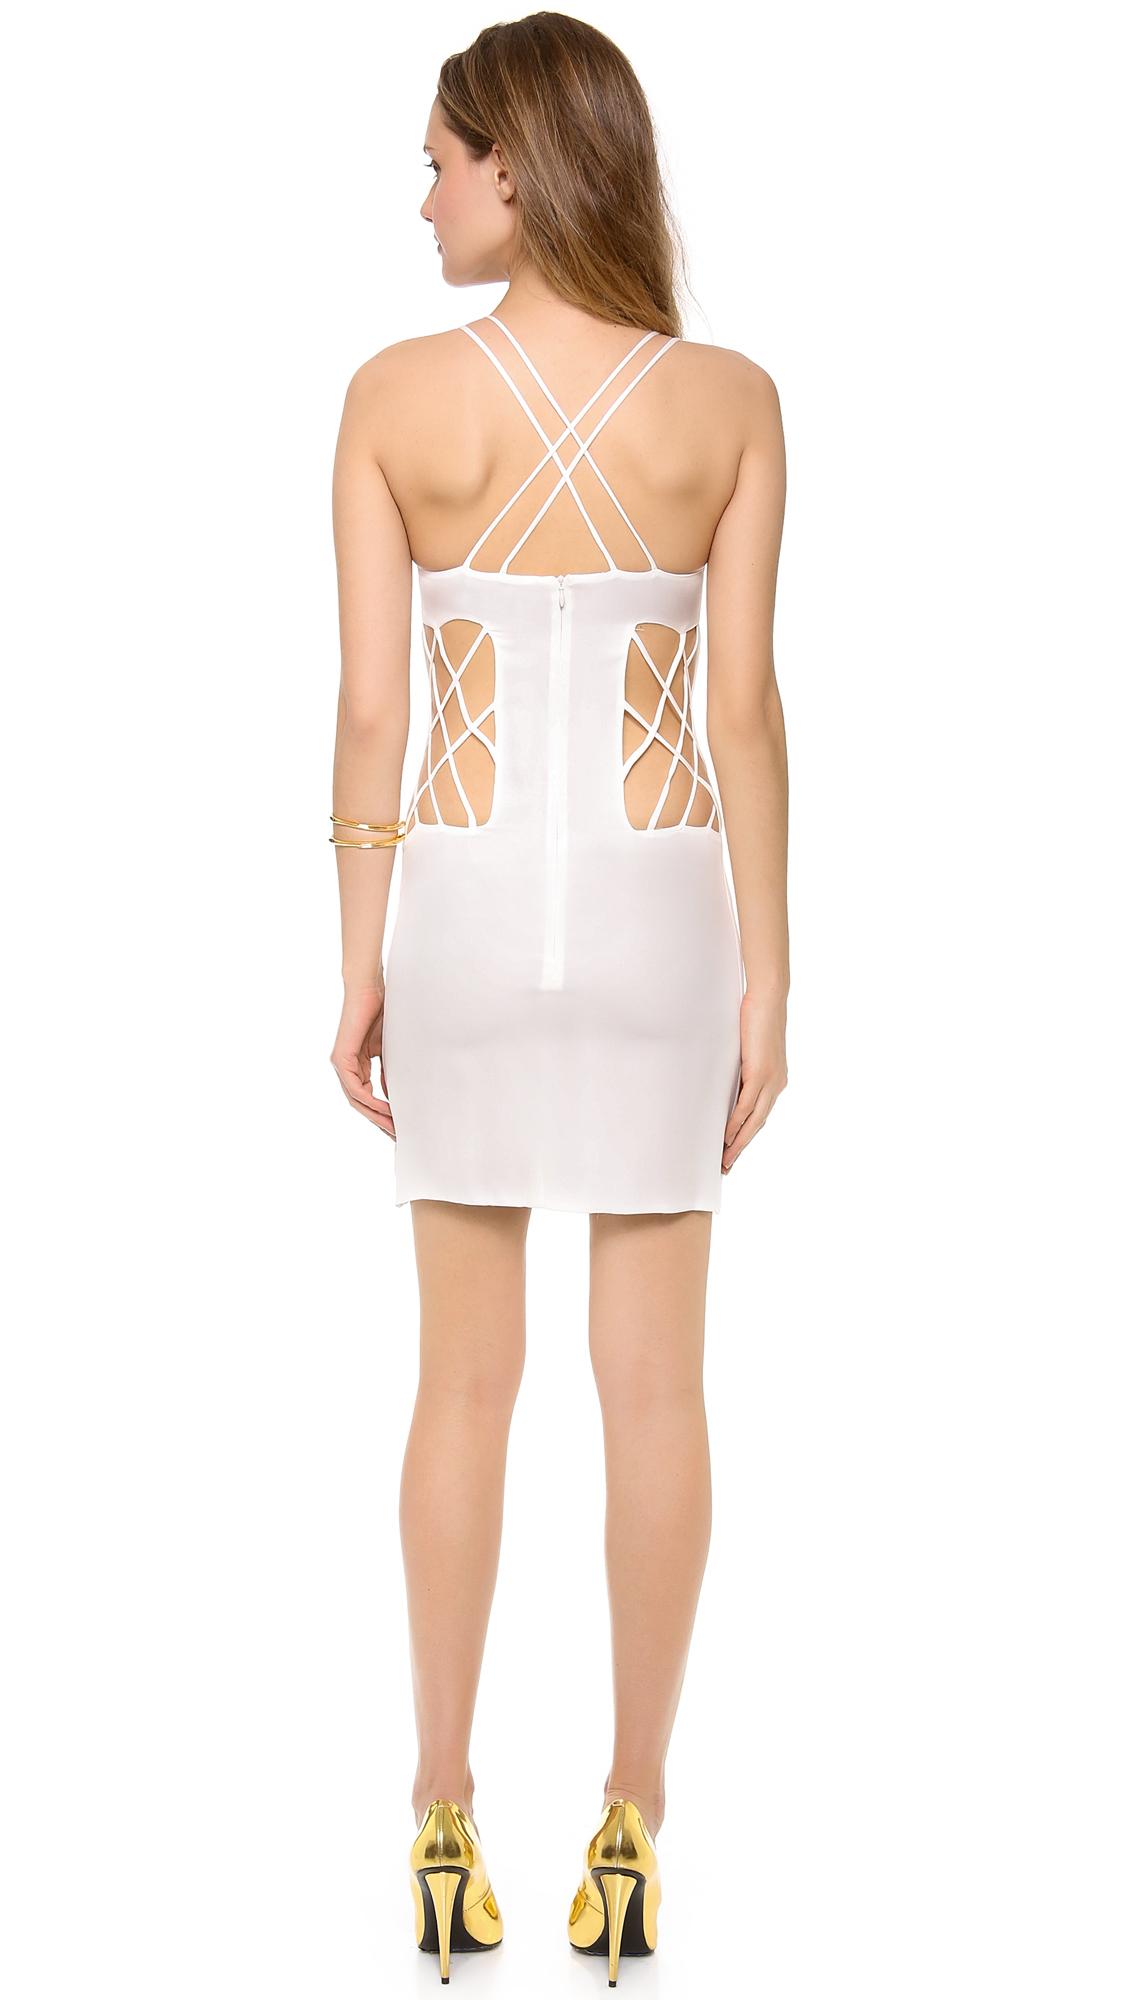 e5b73e852c7 Olcay Gulsen Sleeveless Open Side Mini Dress on PopScreen